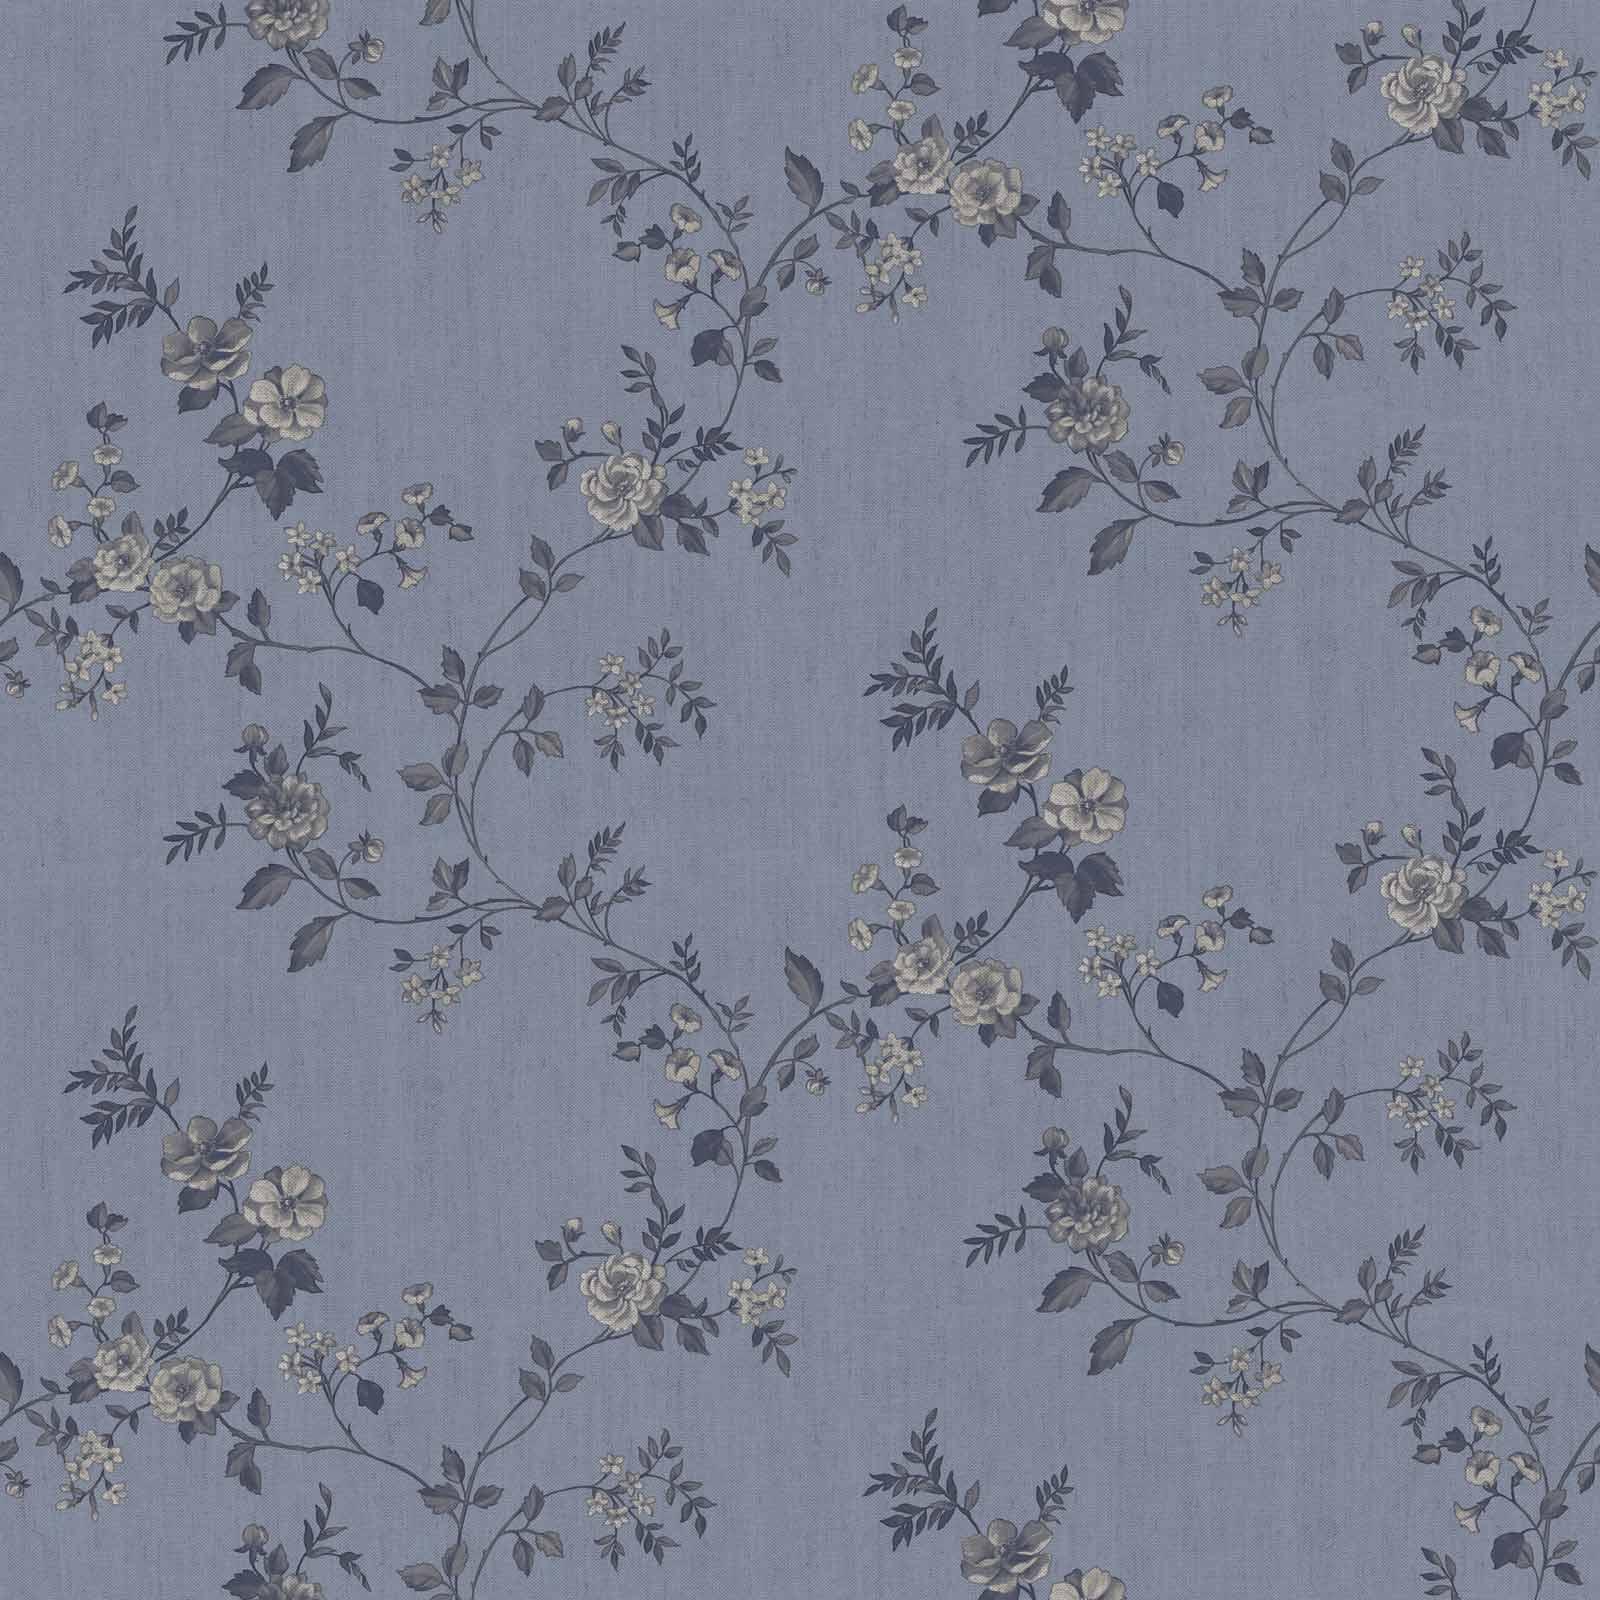 Vinyltapete Rosenranke Floral Graublau Anthrazit 007809